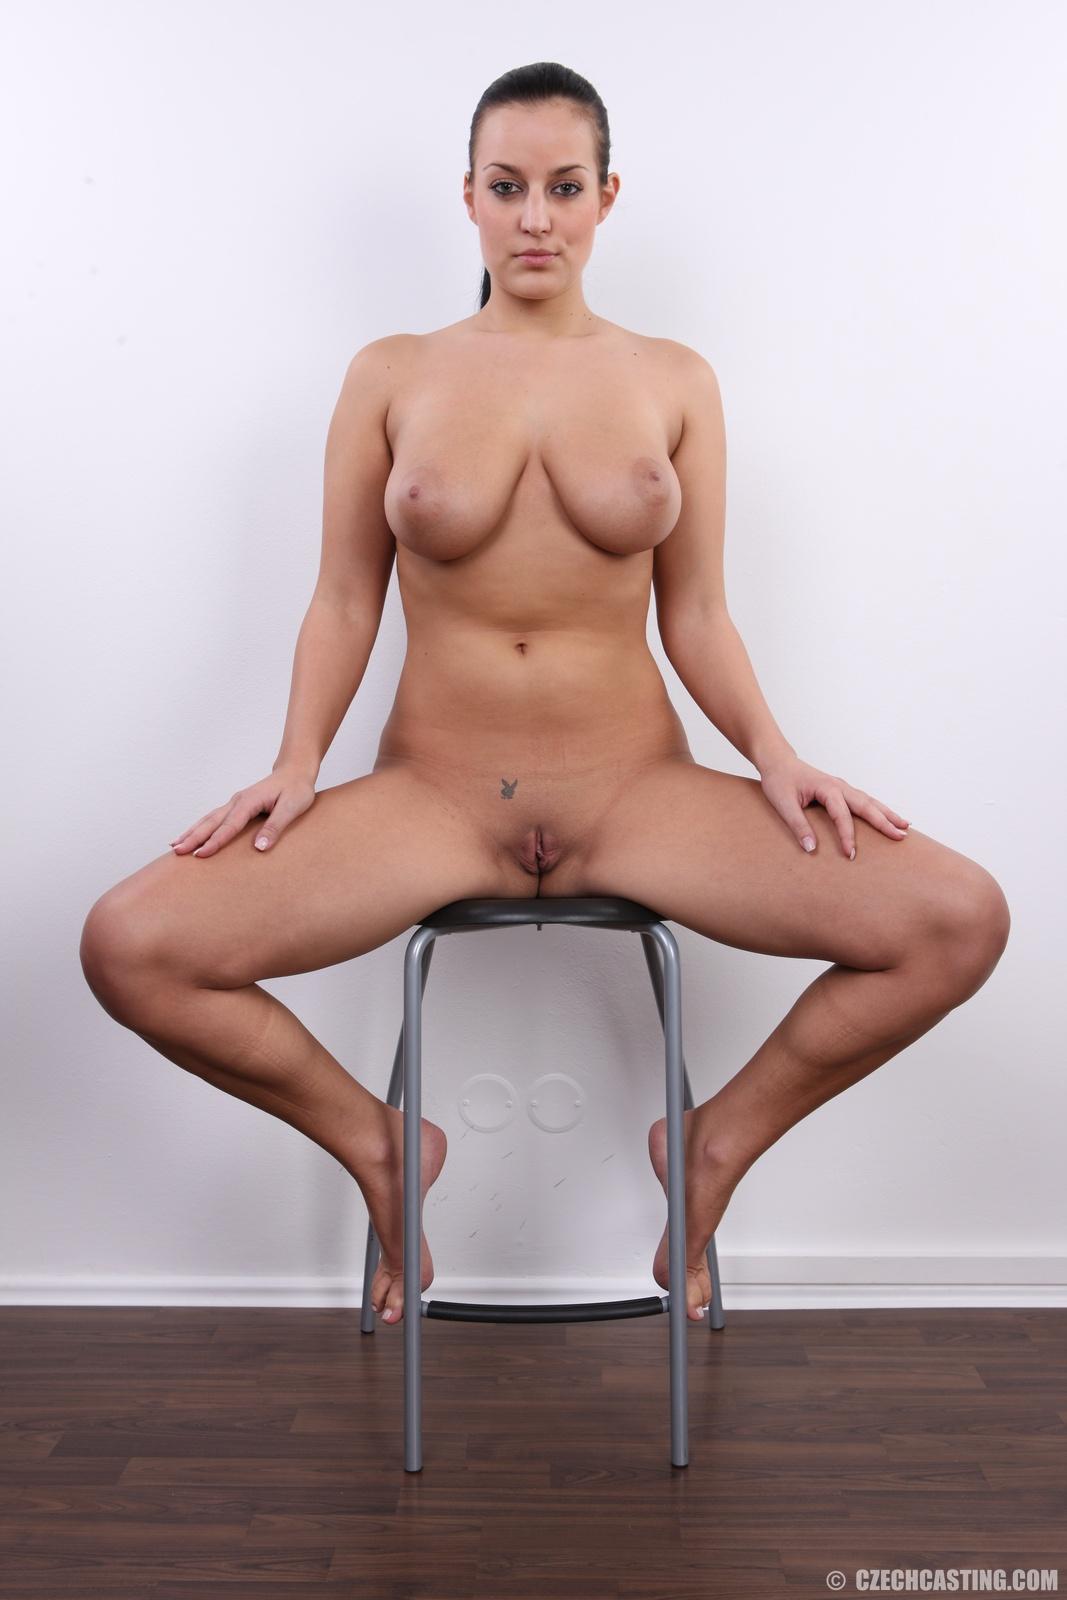 Marketa czech girl nude